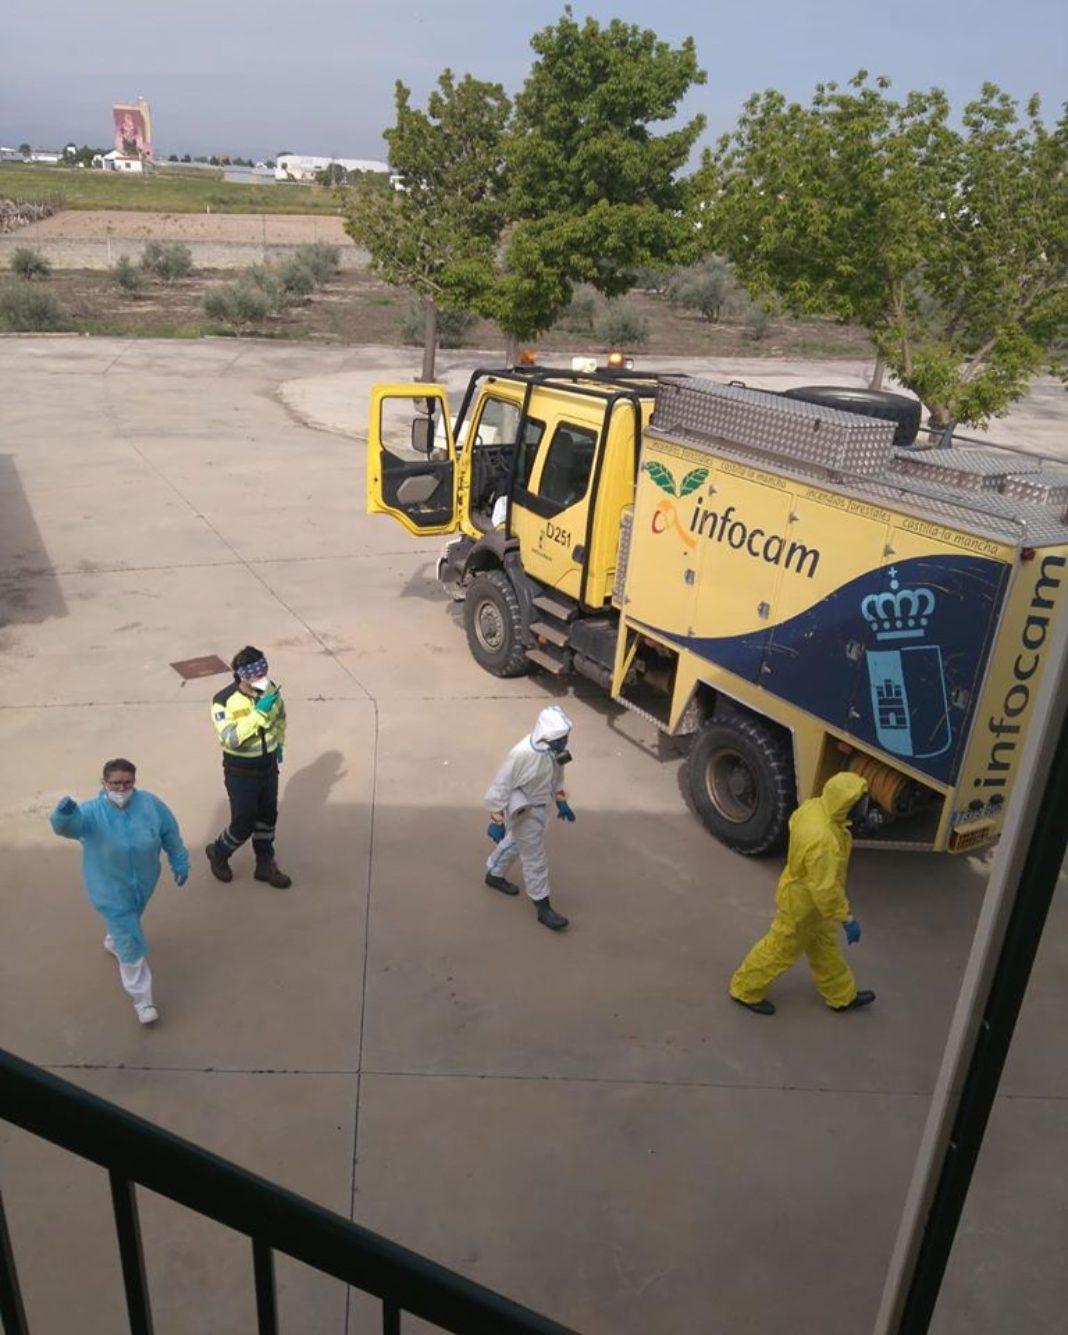 Nueva desinfección del centro de salud, residencias, calles y espacios públicos de Herencia 16